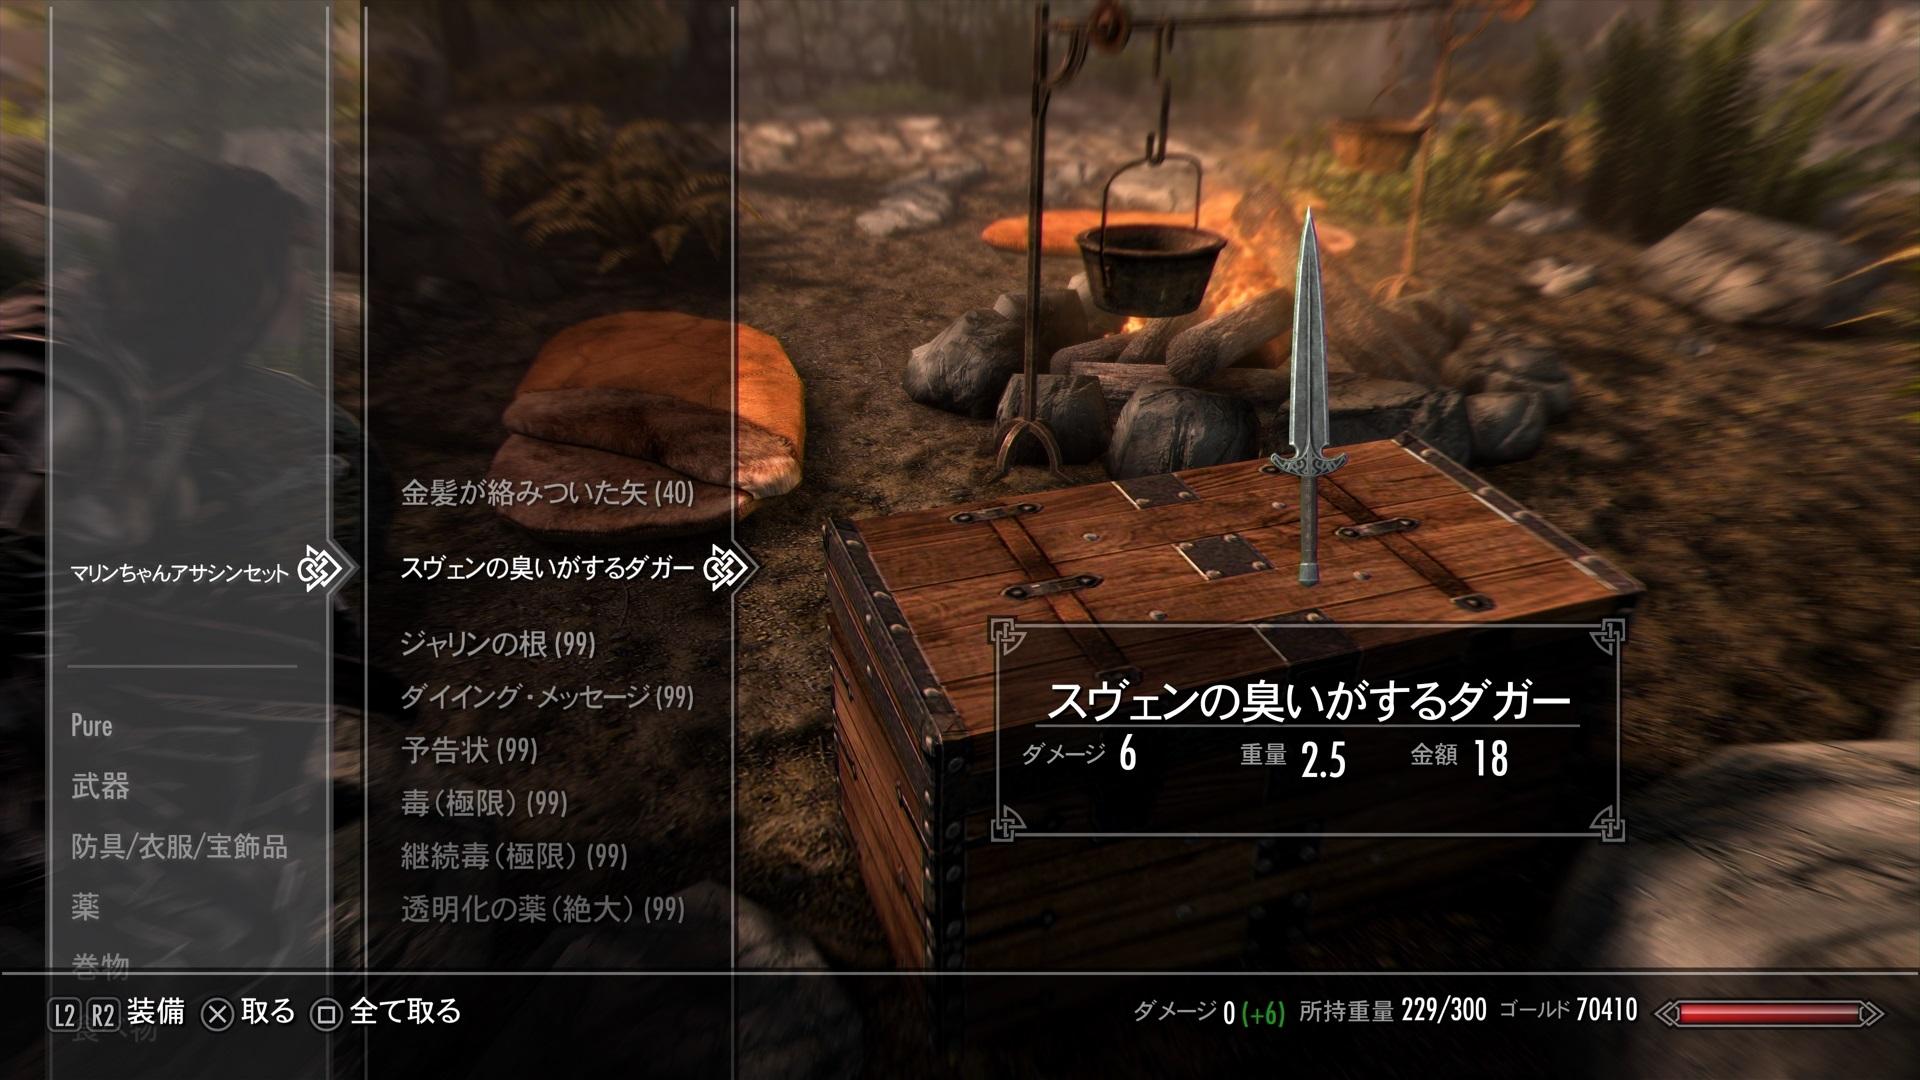 JP]MarinChanAssassinSet - [PS4]Skyrim MOD